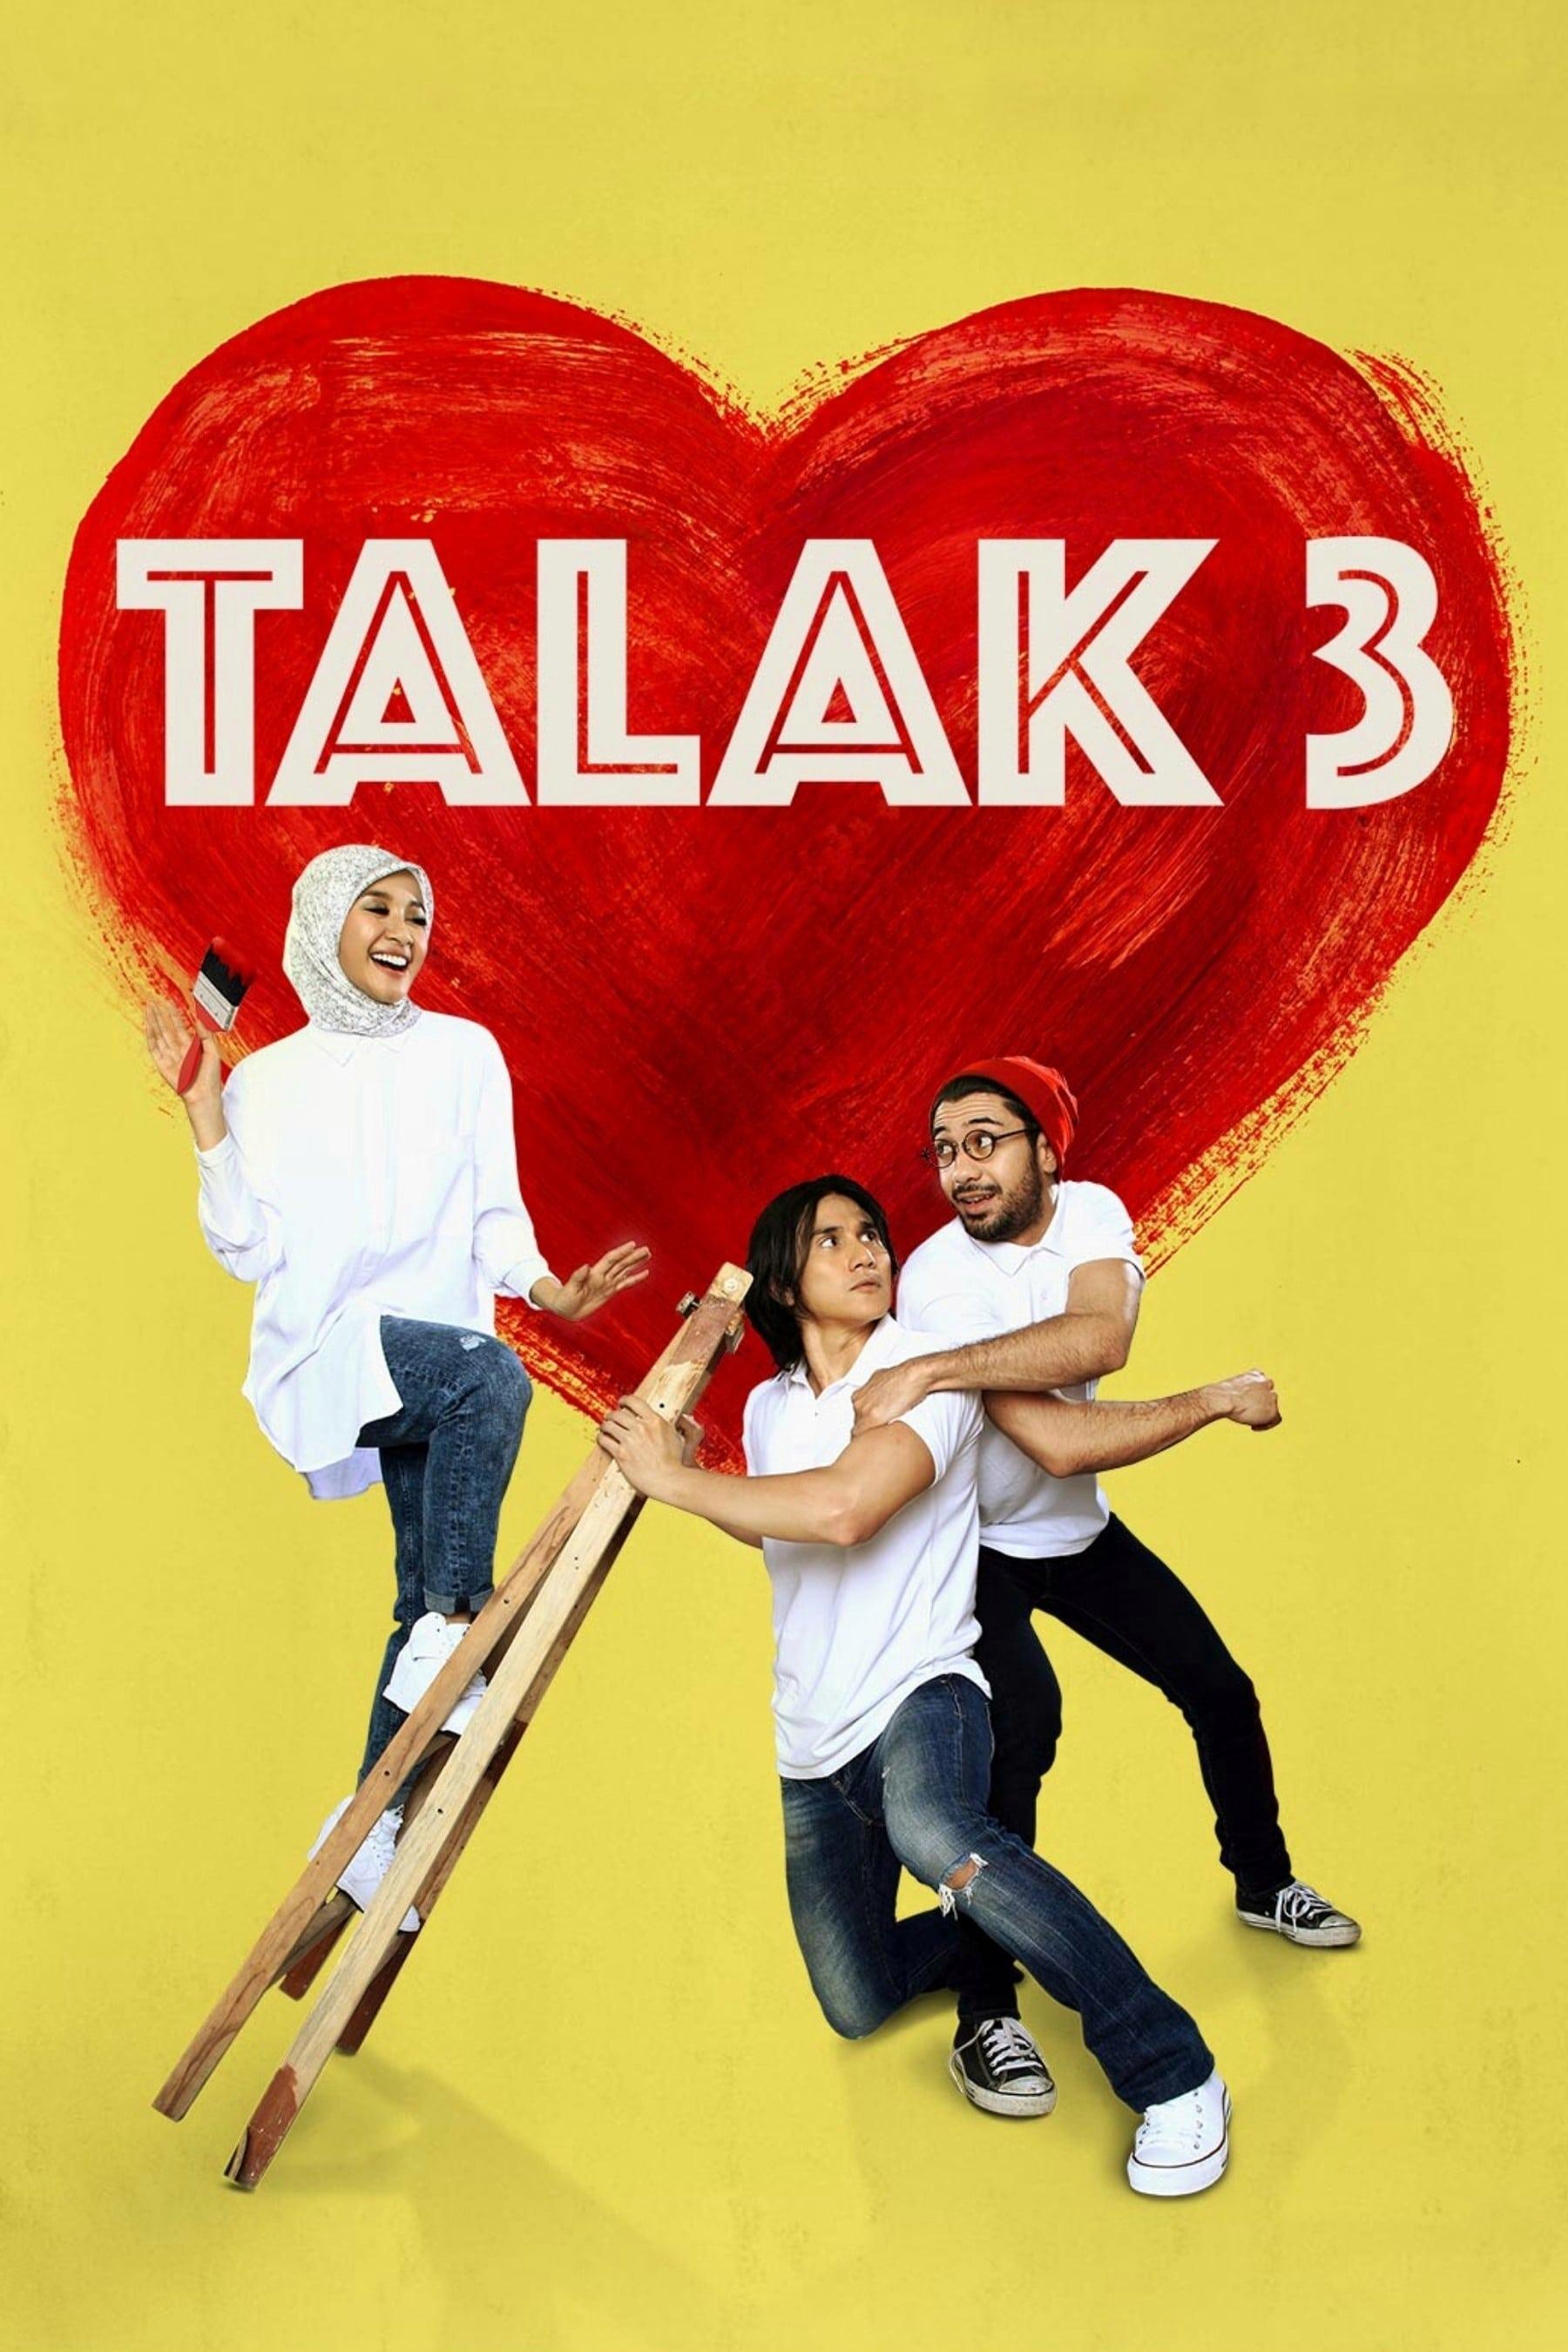 Talak 3